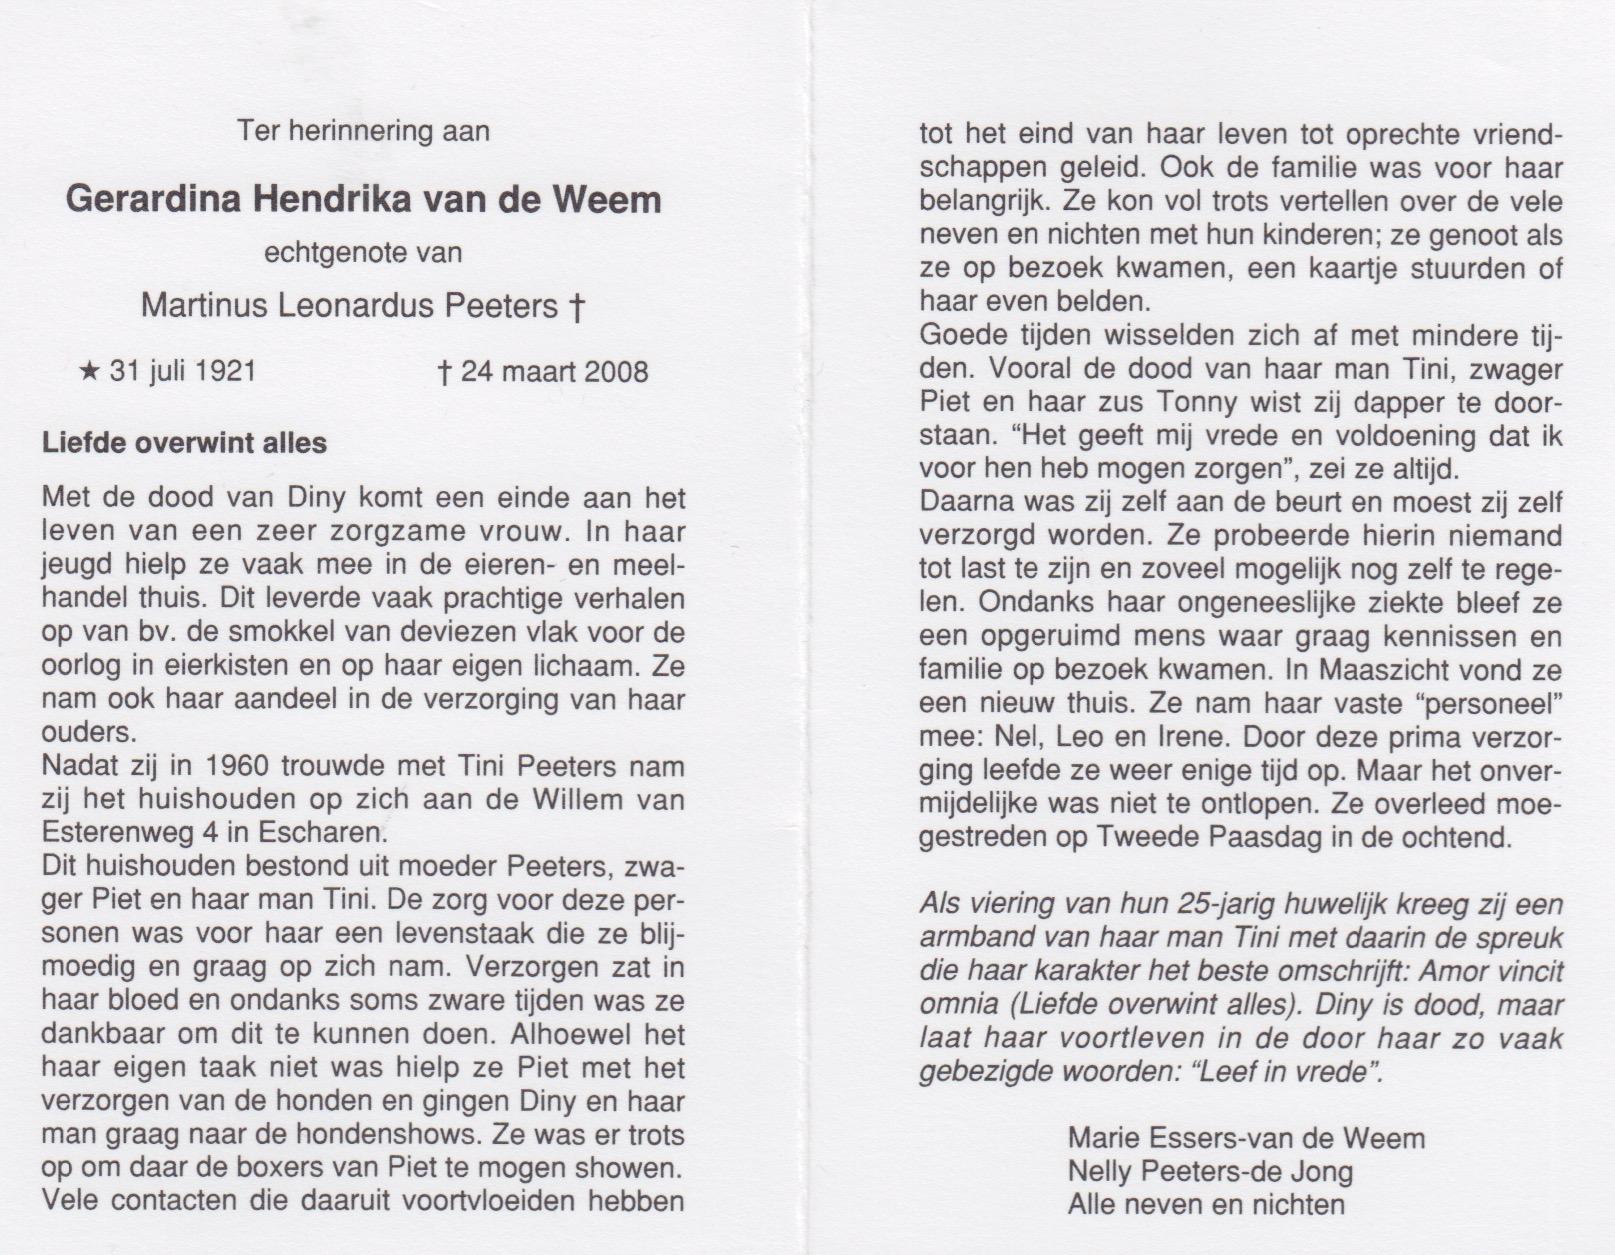 Bidprentje Gerardina Hendrikavan de Weem